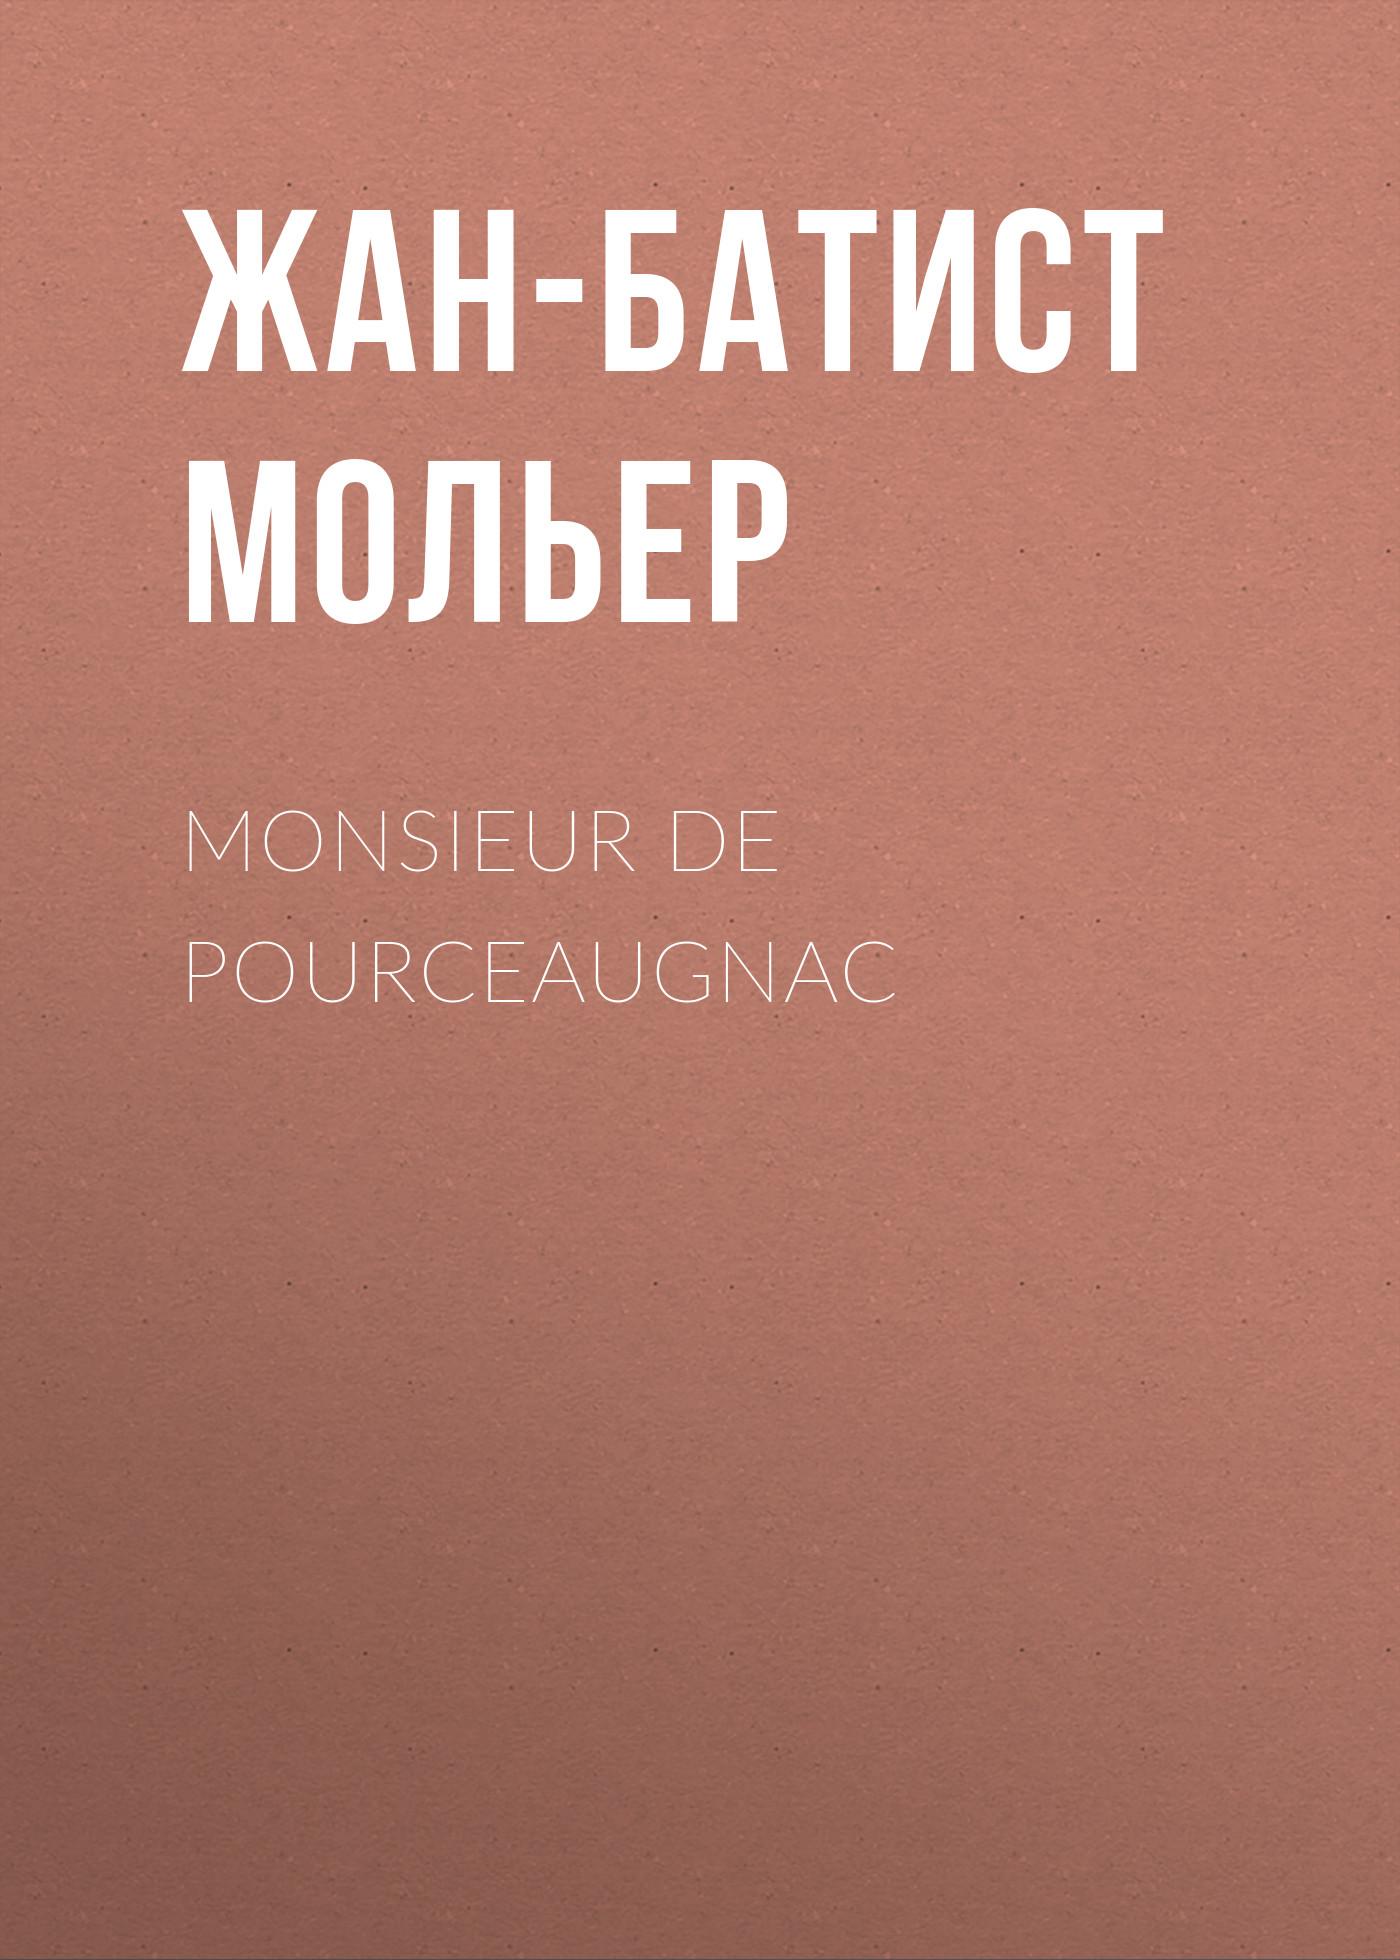 Жан-Батист Мольер Monsieur De Pourceaugnac жан батист баронян бодлер